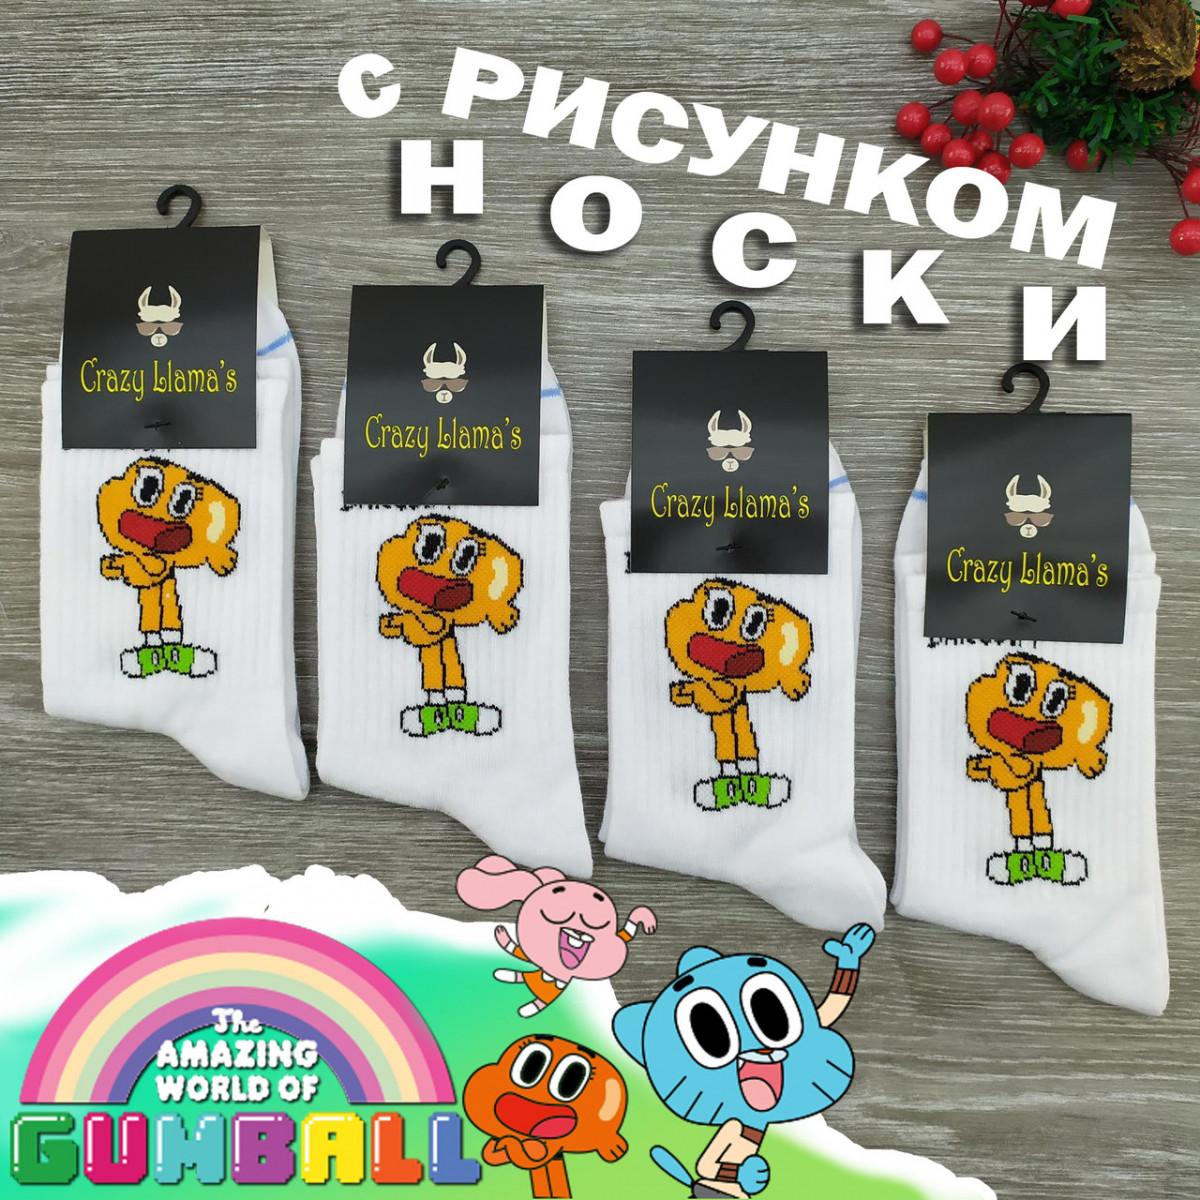 Носки с приколами демисезонные Crazy Lama 222-83 Турция one size (37-43р) 20036409